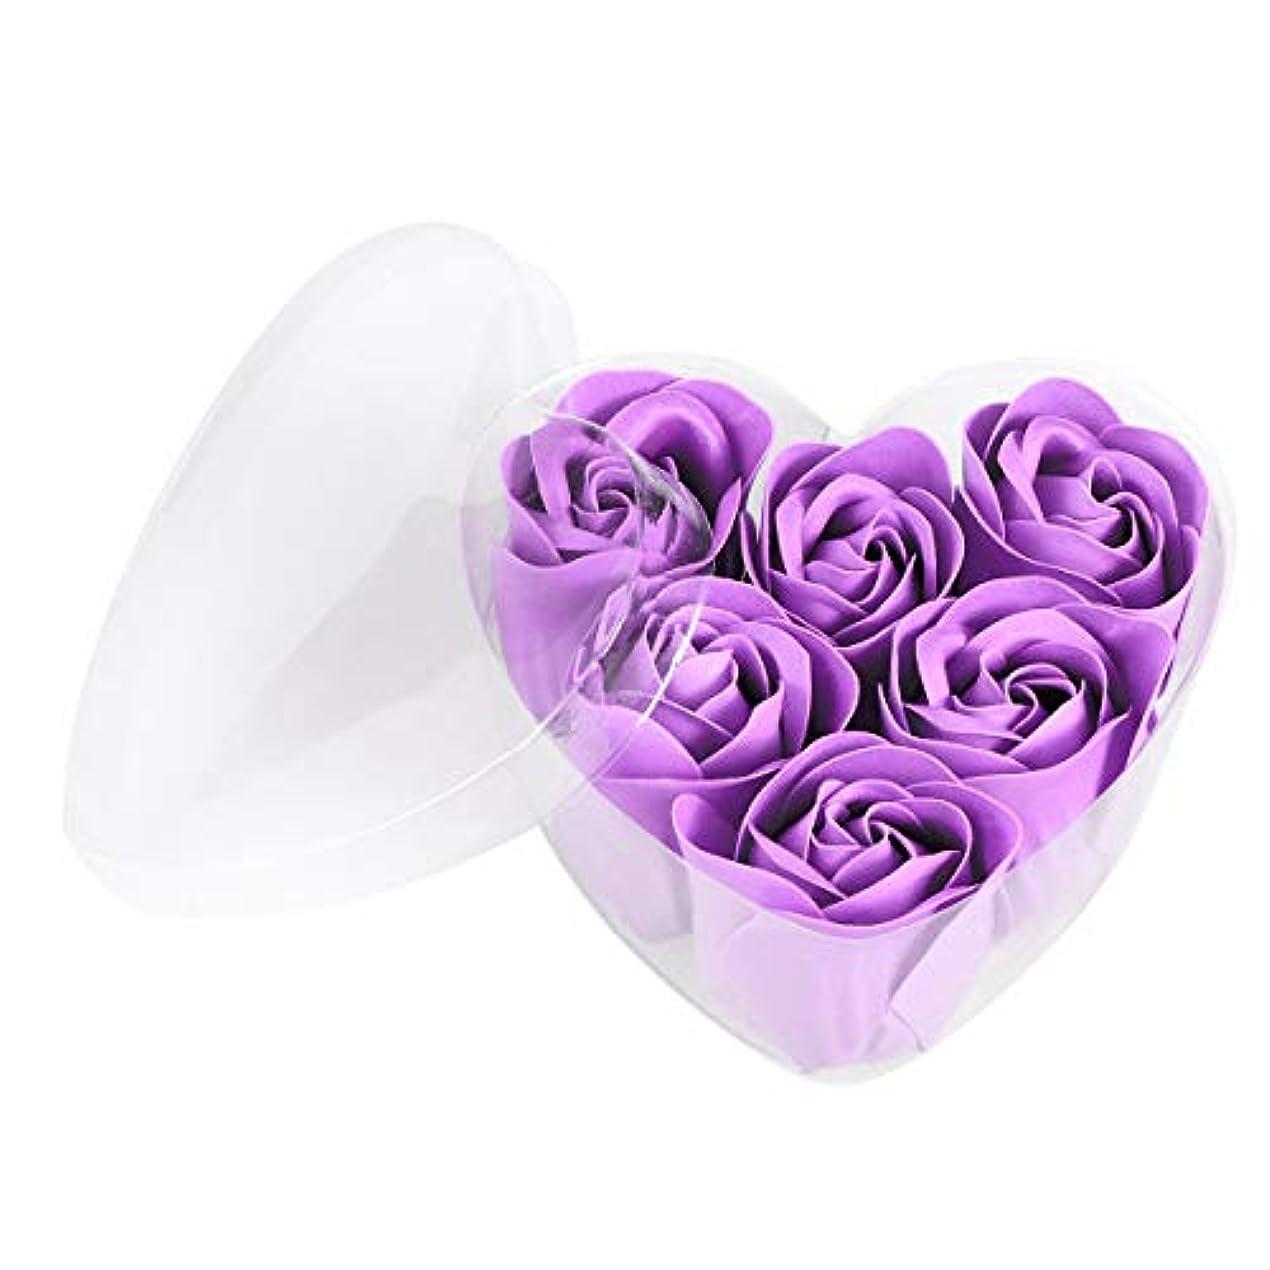 ポスター争う文明Beaupretty 6本シミュレーションローズソープハート型フラワーソープギフトボックス結婚式の誕生日Valentin's Day(紫)